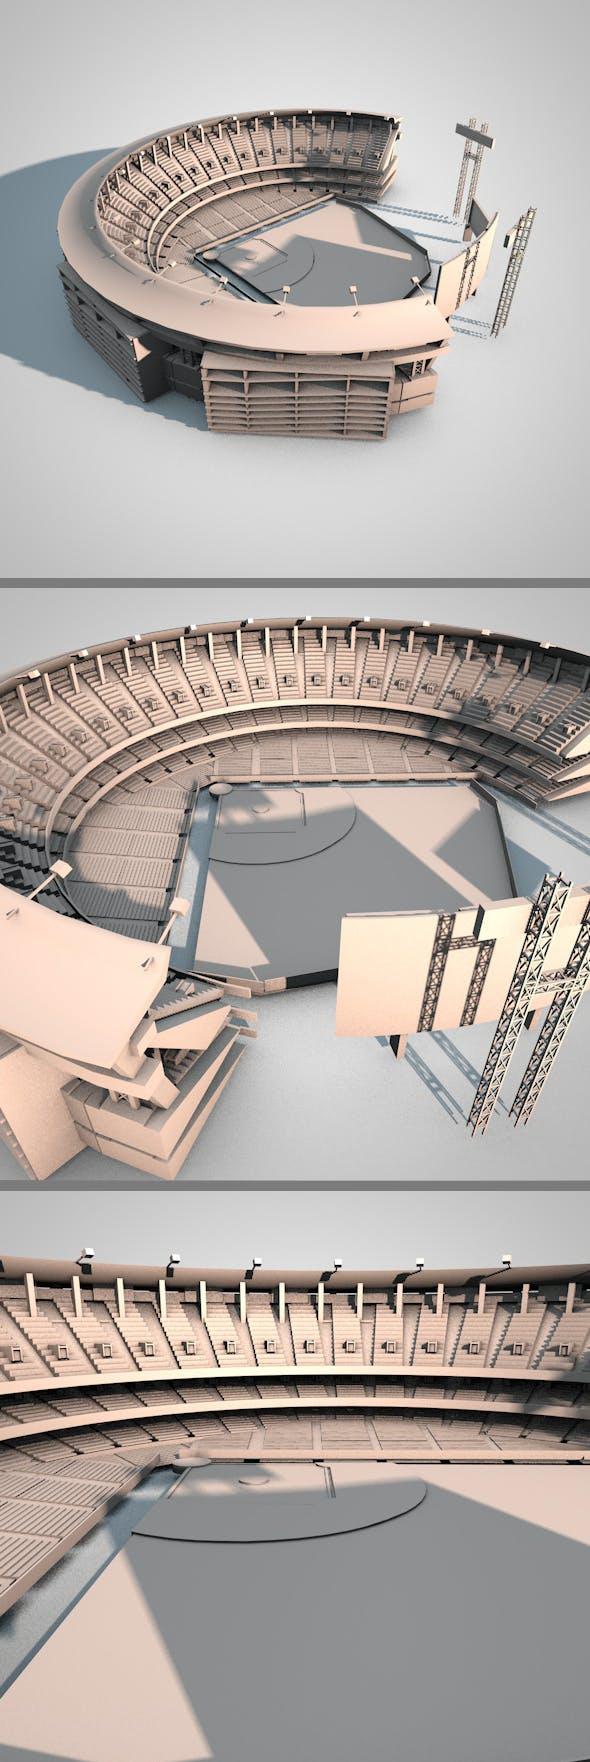 Baseball Stadium - 3DOcean Item for Sale